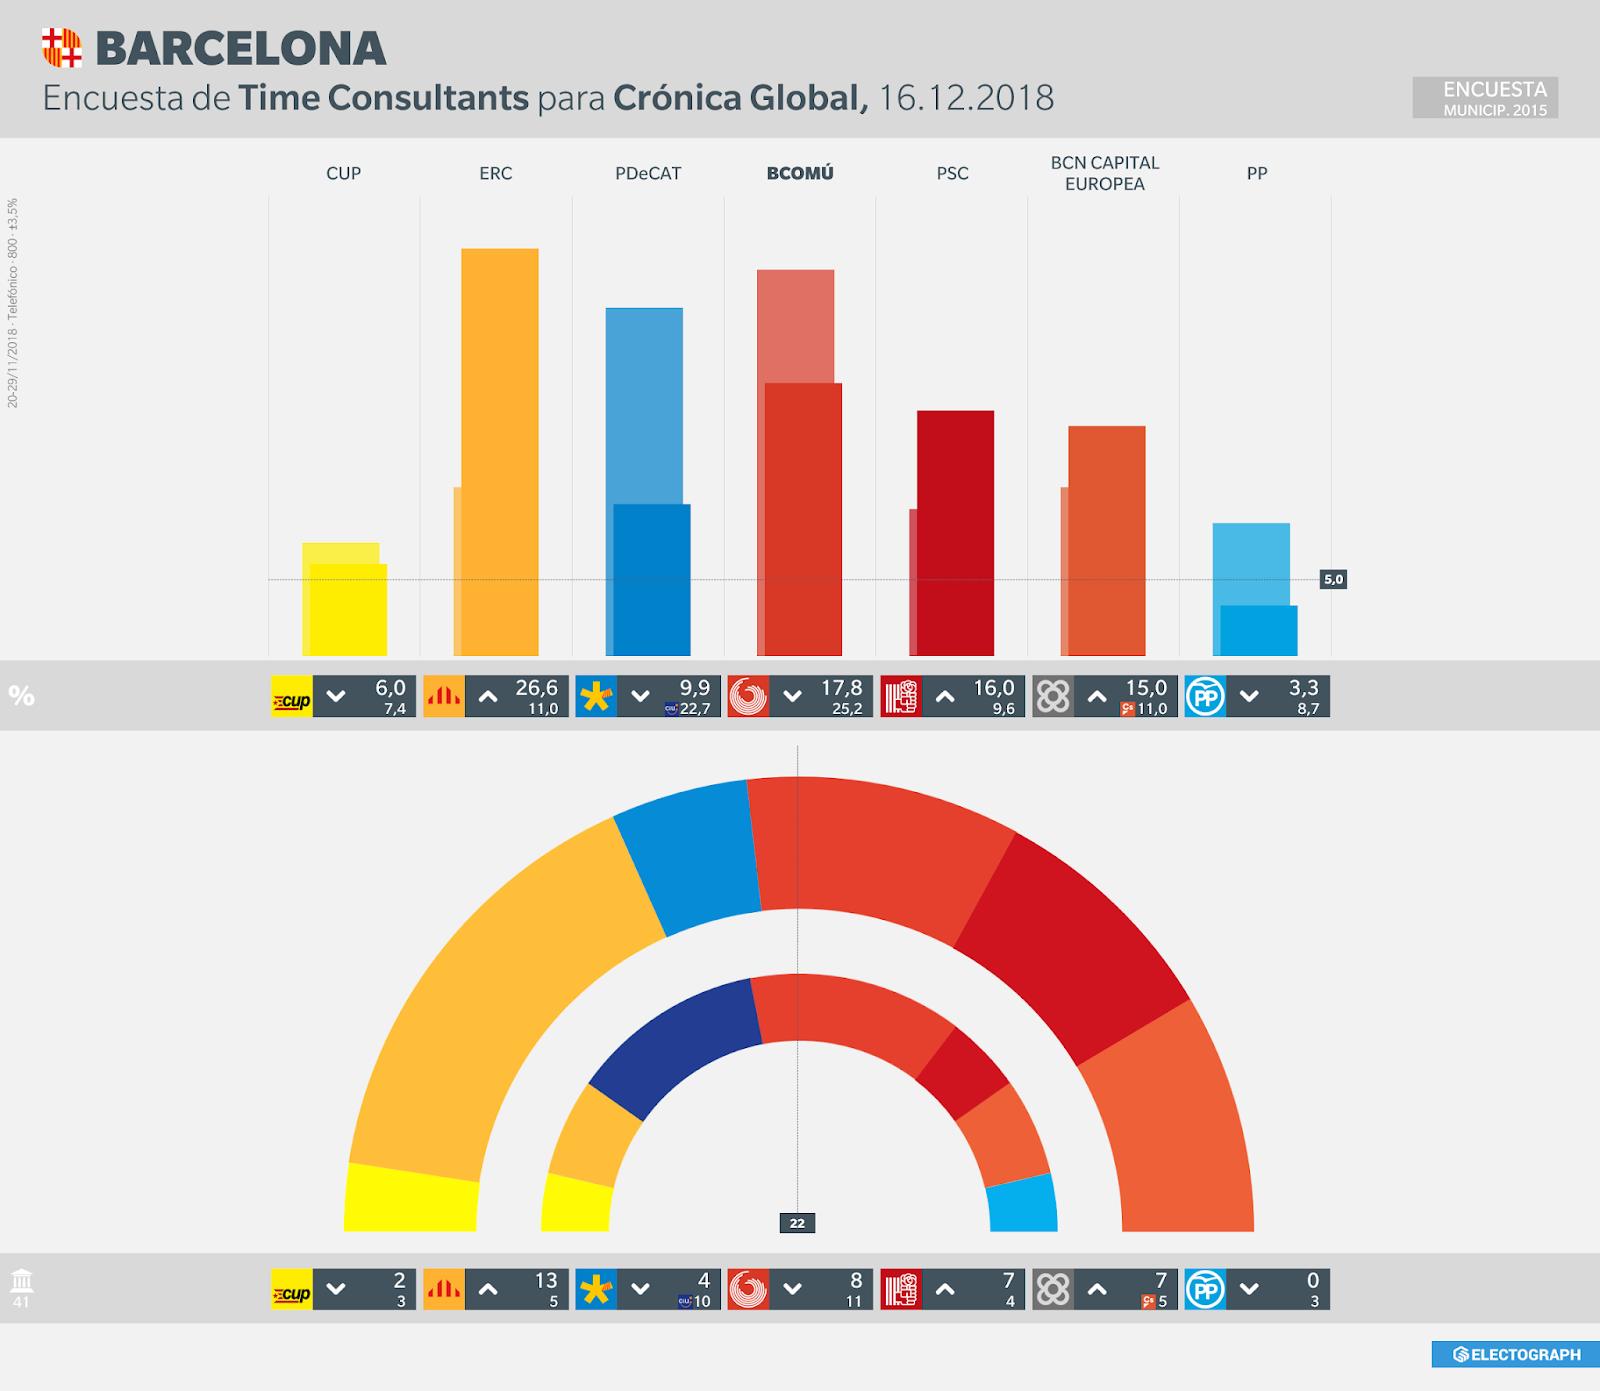 Gráfico de la encuesta para elecciones municipales en Barcelona realizada por Time Consultants para Crónica Global en noviembre de 2018